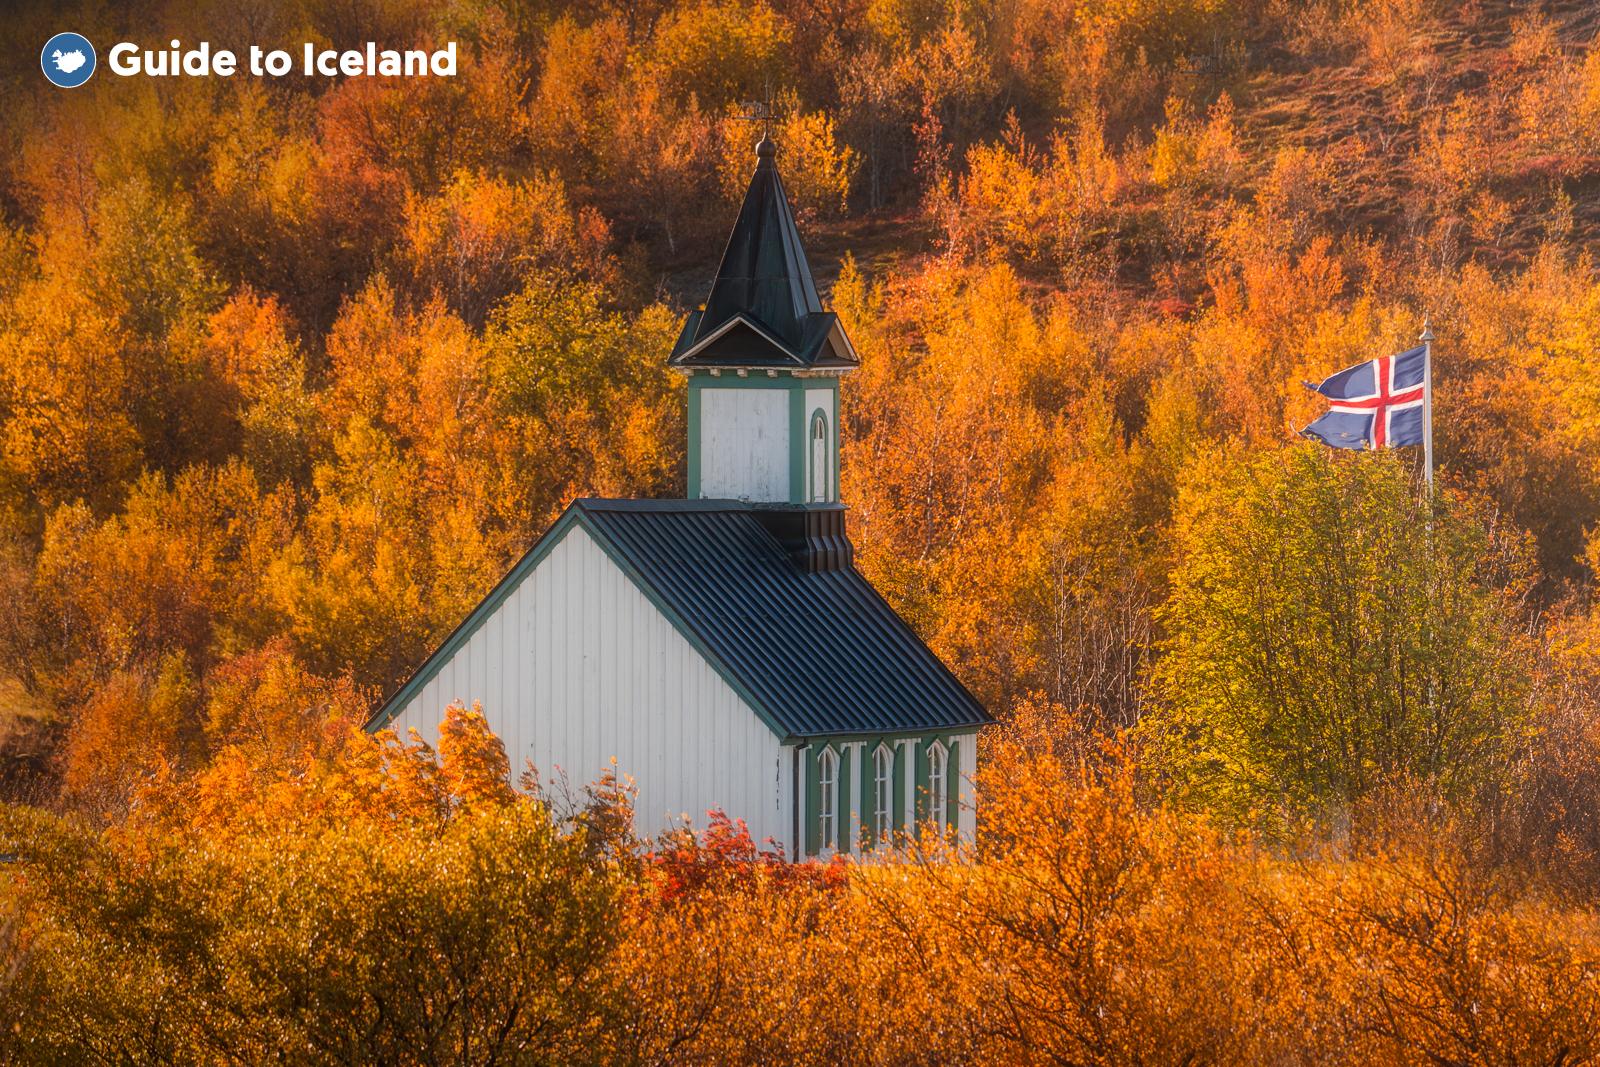 En kør selv-ferie rundt på Den Gyldne Cirkel giver dig mulighed for at bruge så meget tid på hver af de tre destinationer, som du har lyst til. Dem, der er særligt interesserede i historie og geologi, har måske lyst til at tilbringe mere tid i Þingvellir Nationalpark.